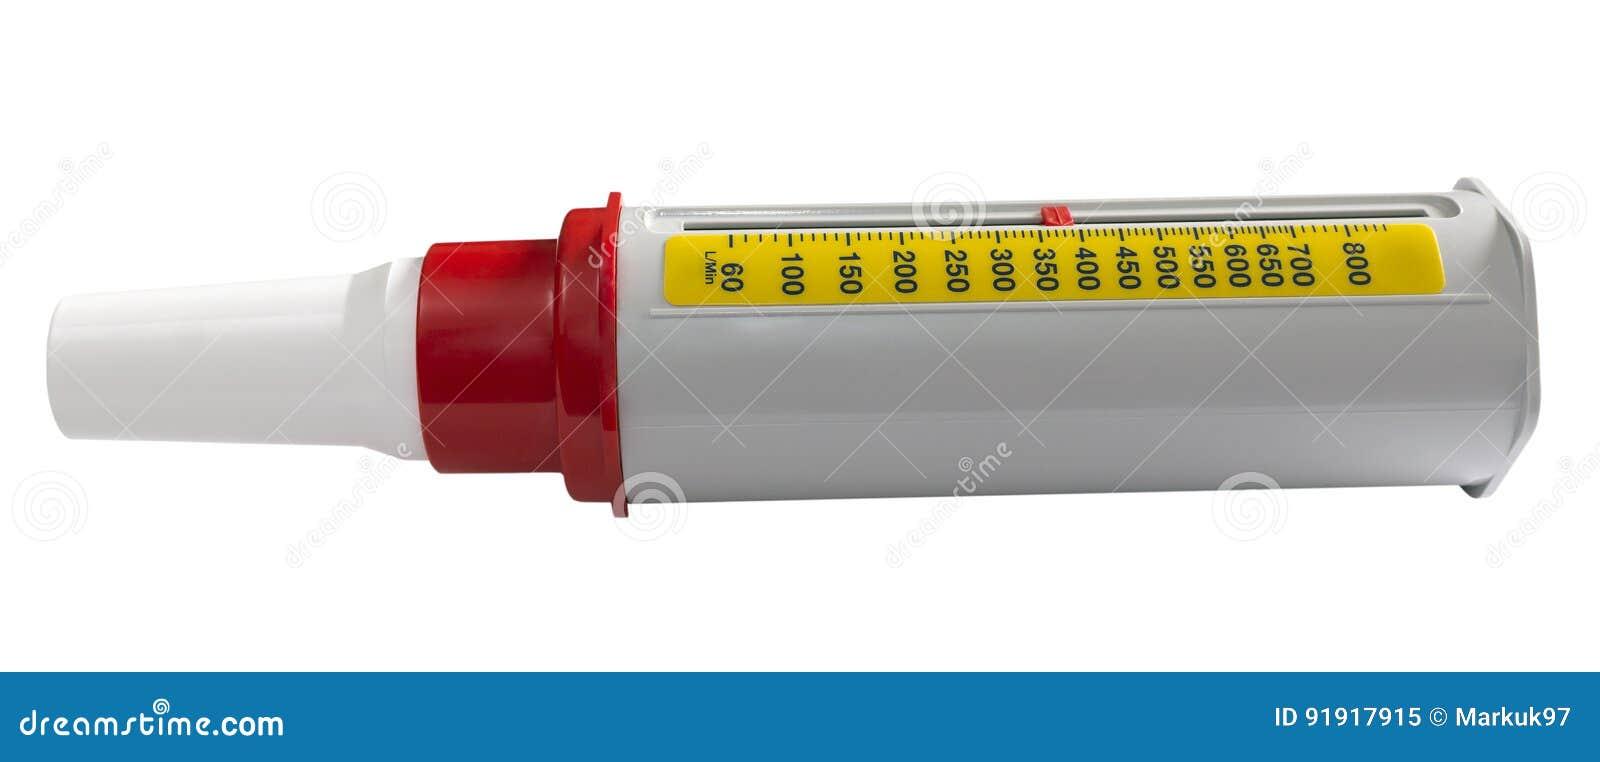 η αφηρημένη ροή ανασκόπησης άσθματος απομόνωσε τον ιατρικό μετρητή πέρα από το μέγιστο χρησιμοποιημένο σύνολο λευκό ασθενών